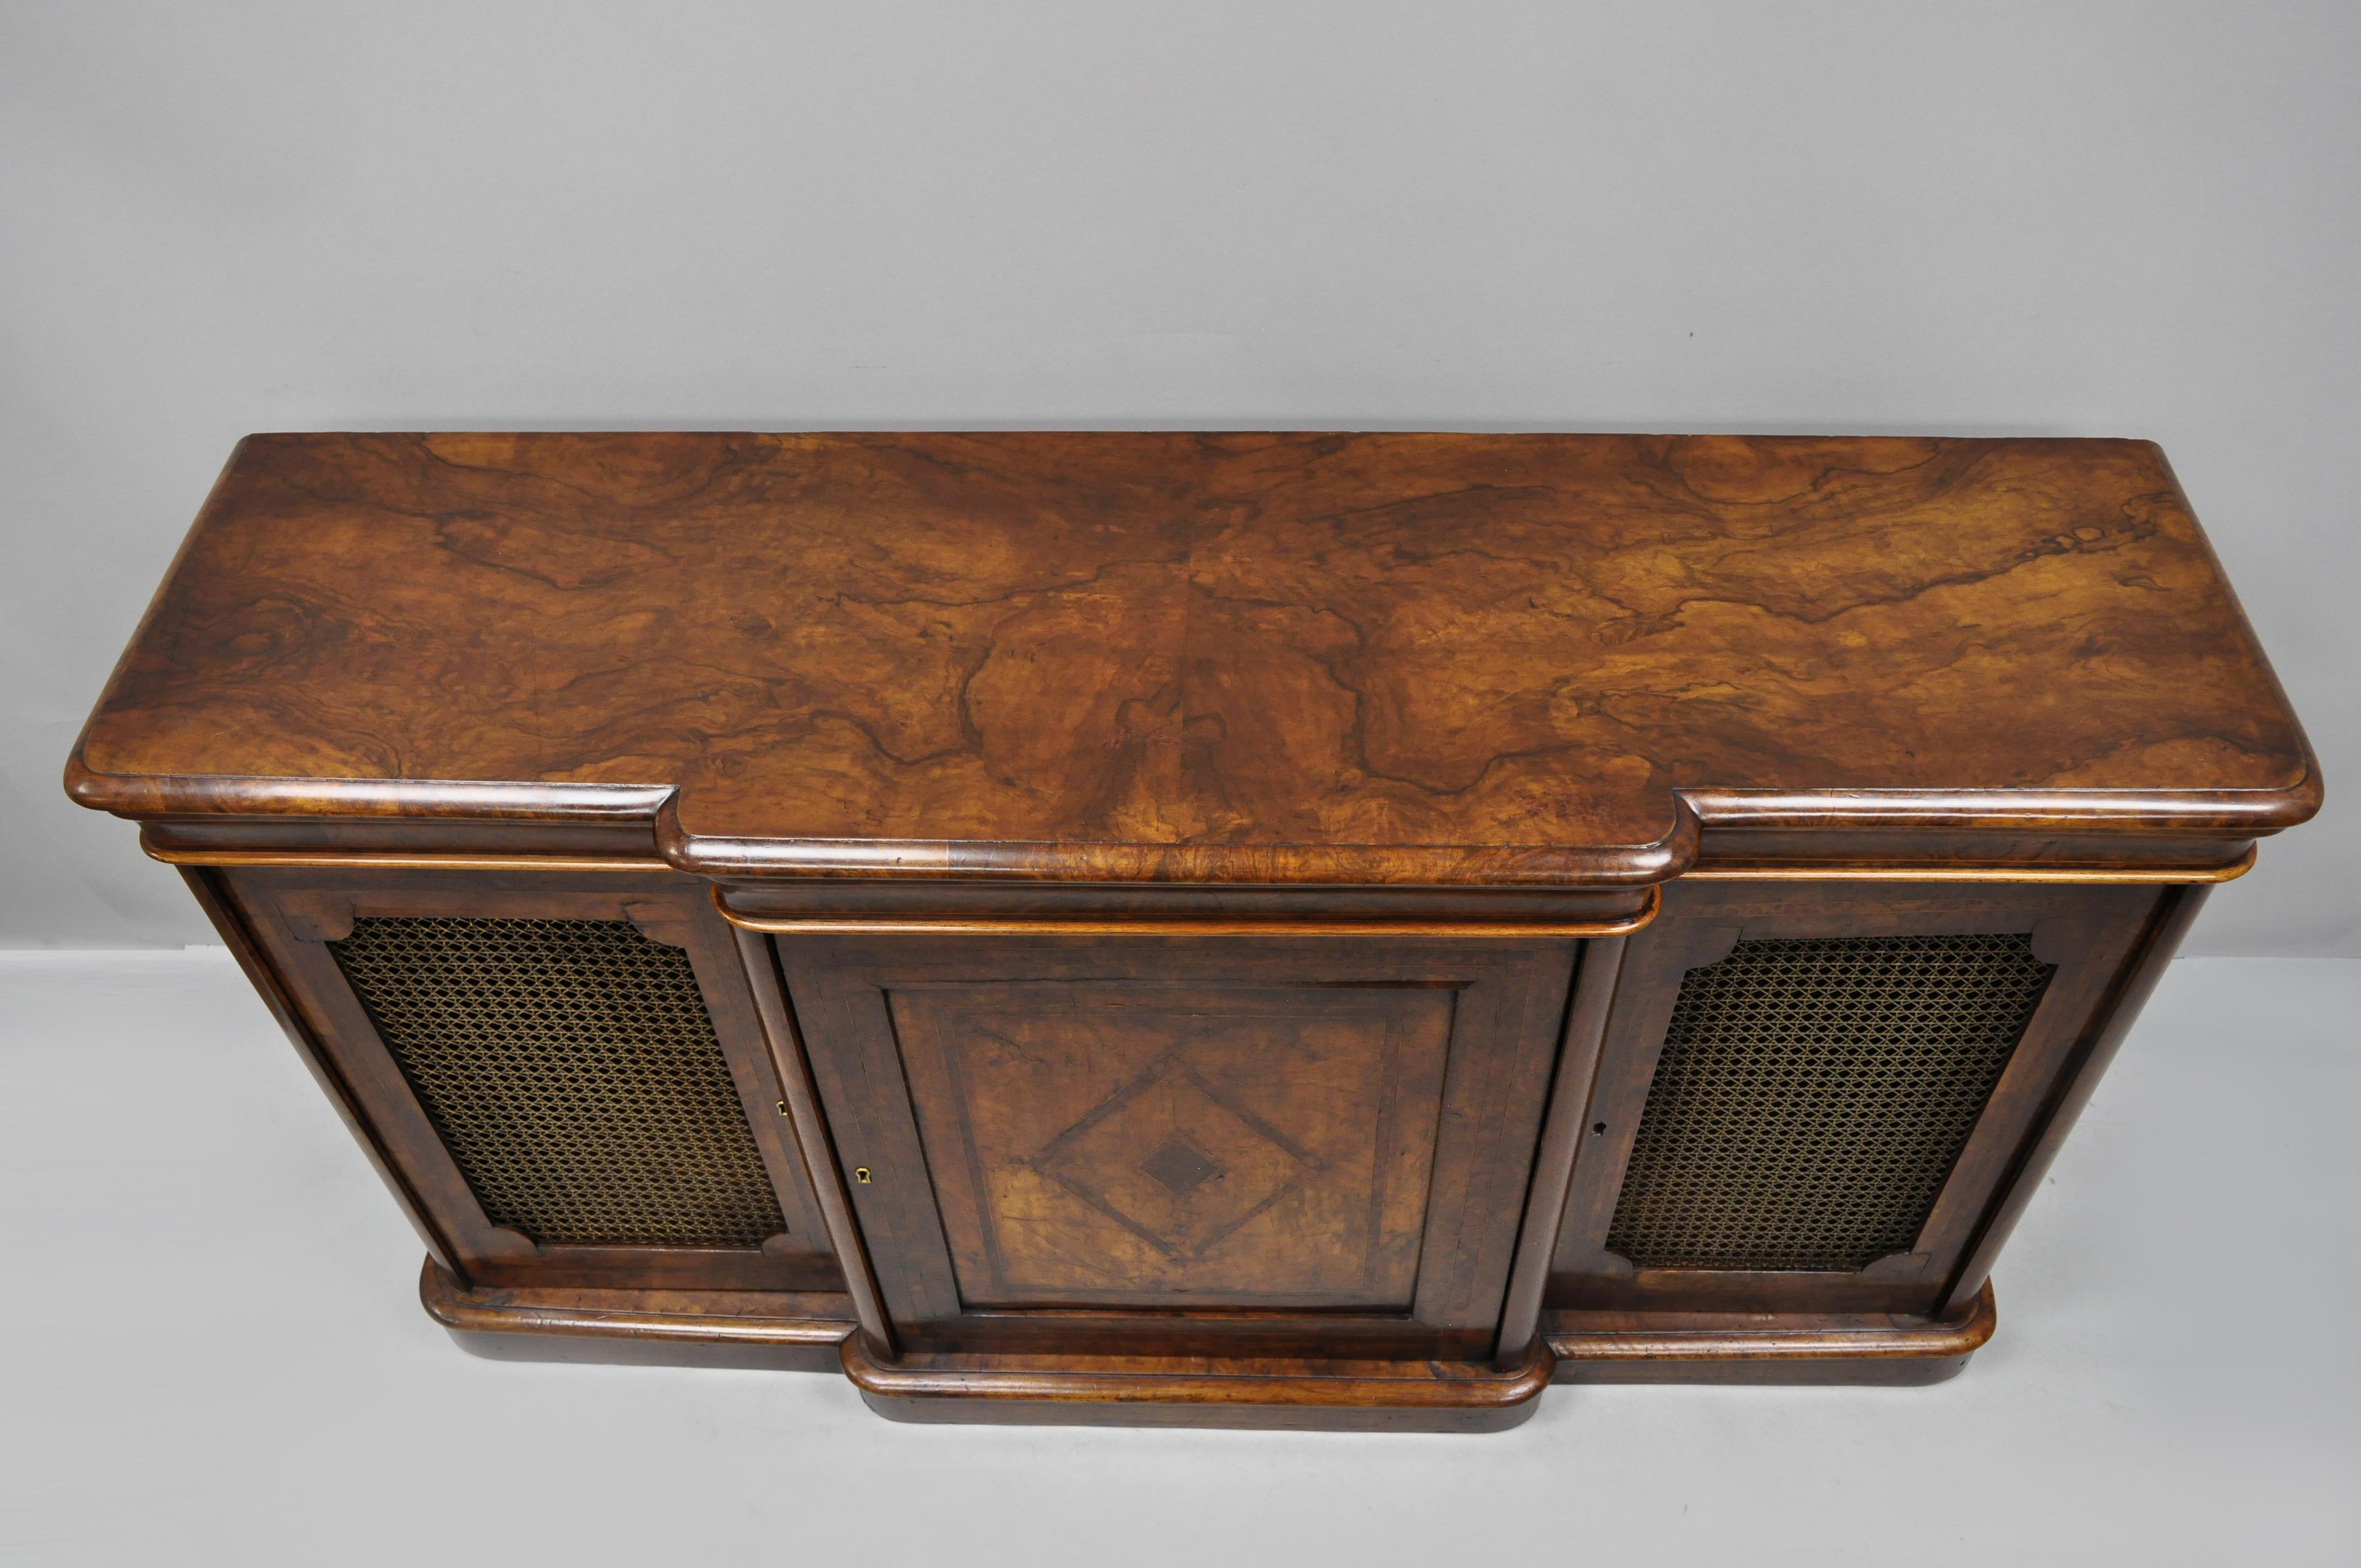 Credenza For Sale Perth : Th century english victorian burr walnut inlaid credenza cabinet